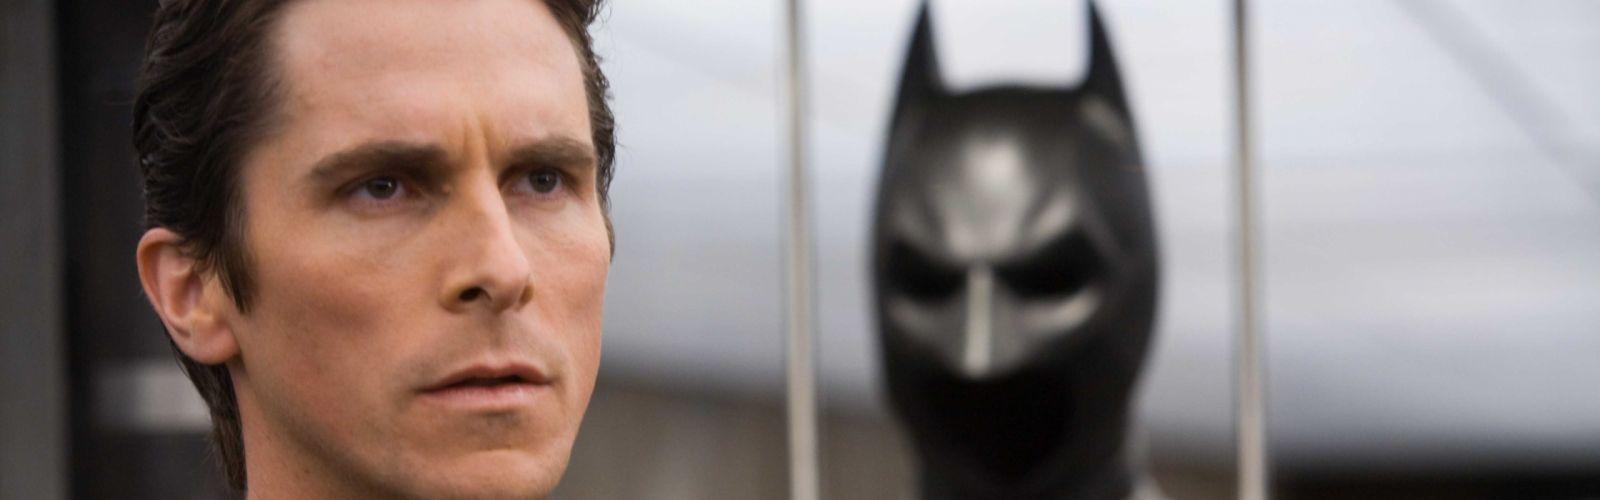 Batman christian bale batman the dark knight bruce wayne wallpaper